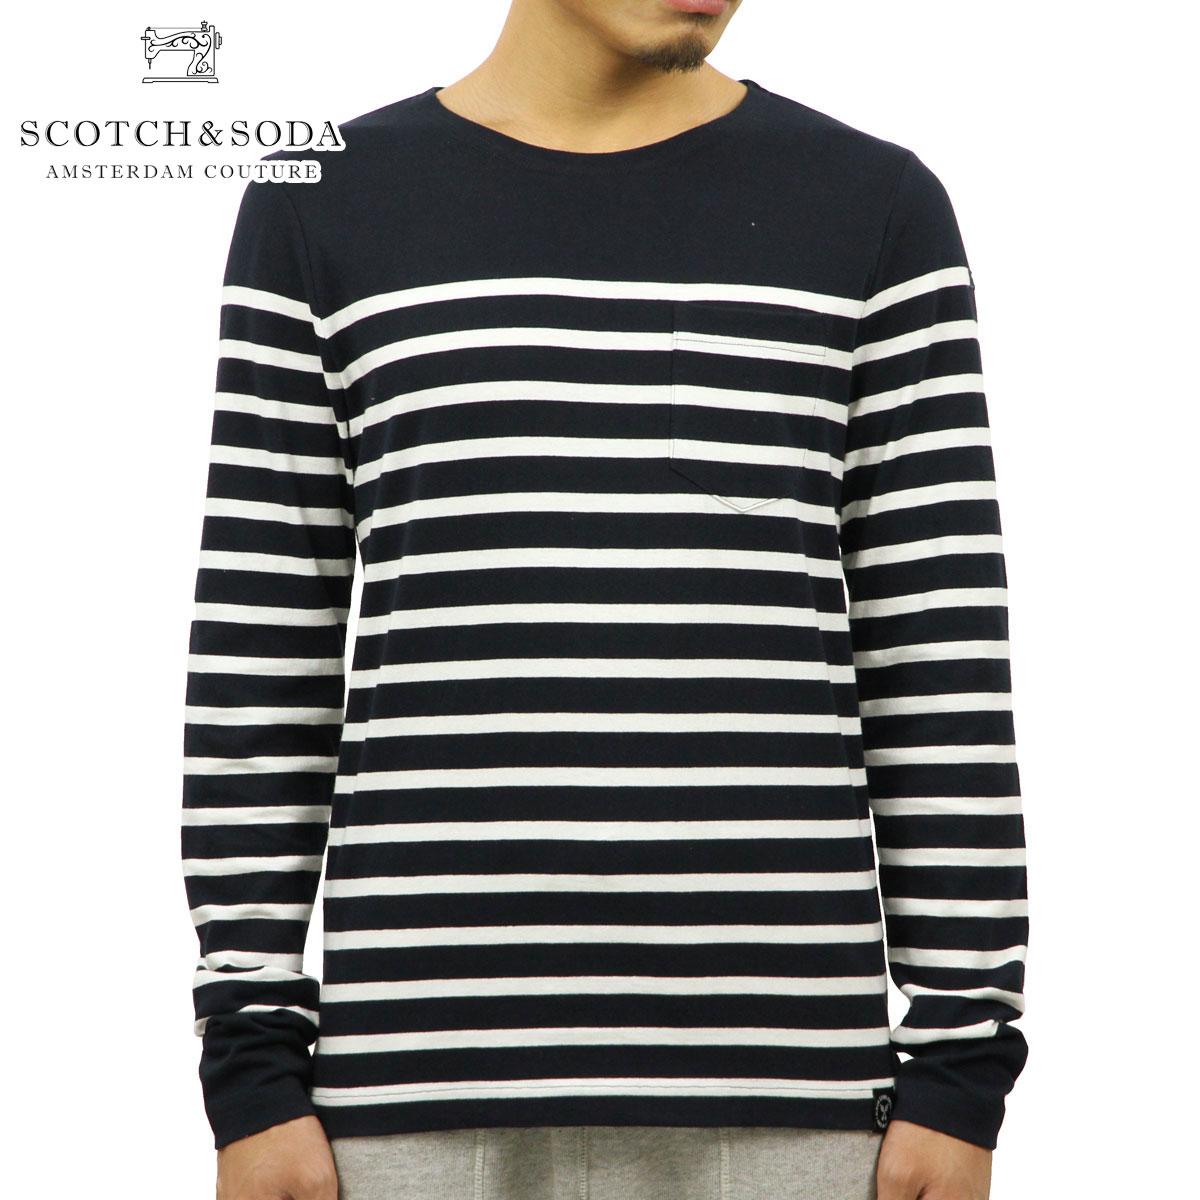 スコッチアンドソーダ SCOTCH&SODA 正規販売店 メンズ 長袖Tシャツ AMS BLAUW CLASSIC LONG SLEEVE TEE DC 137738 20 43403 COMBO D